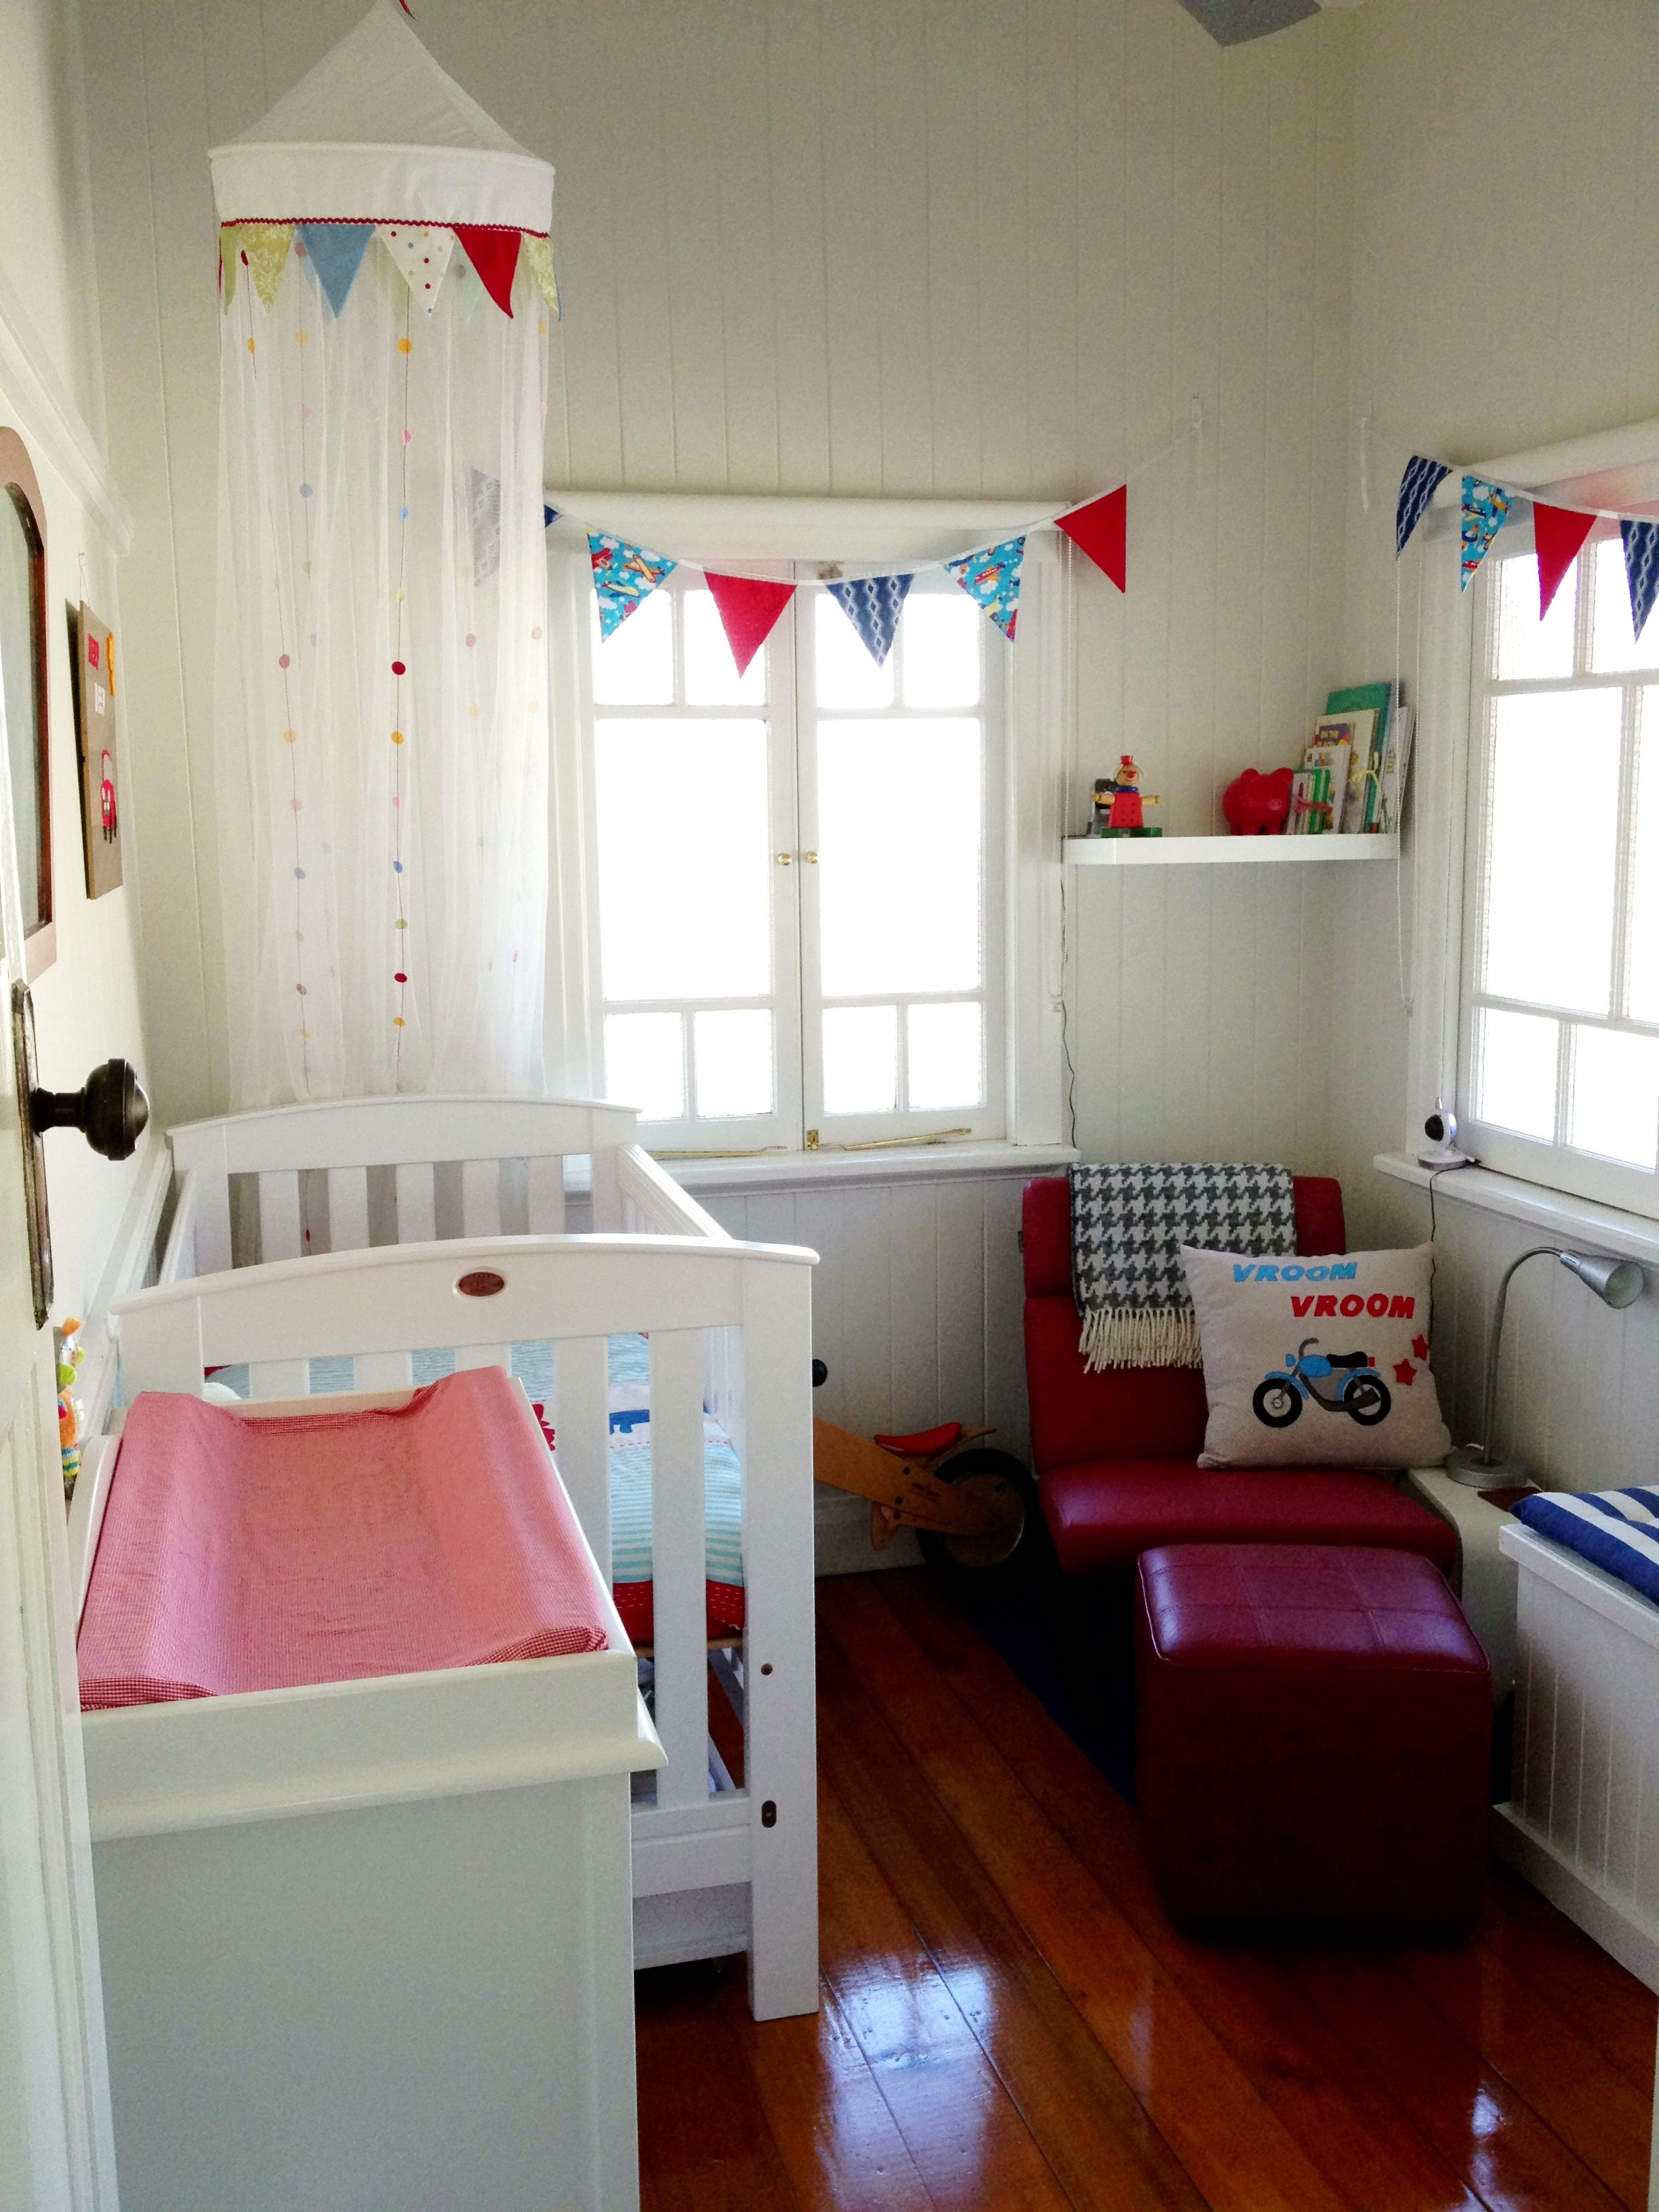 Pin de GaGa Gallery en Small baby rooms | Pinterest | Cosas de bebés ...